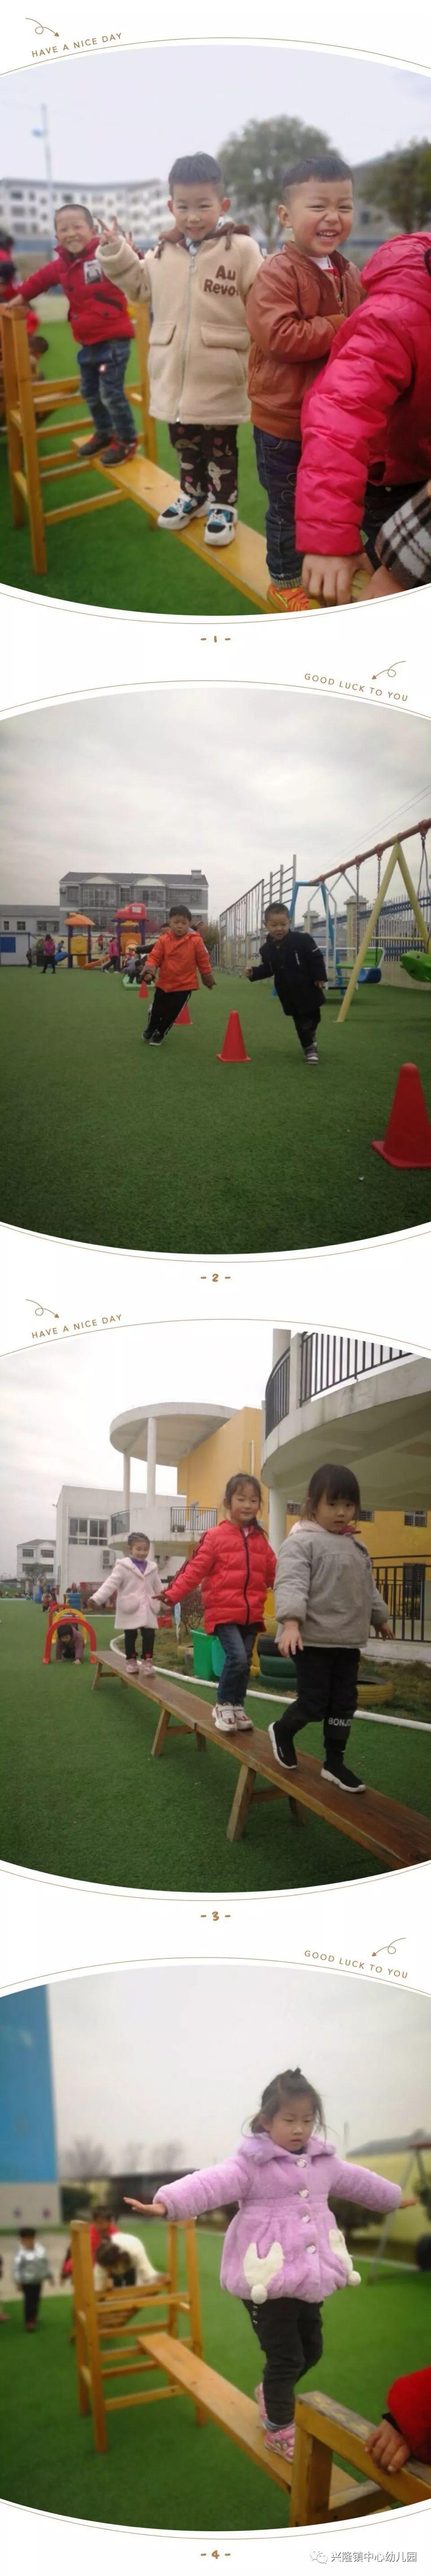 """""""乐趣在户外,健康在运动""""——兴隆镇中心幼儿园户外体能大循环图片"""